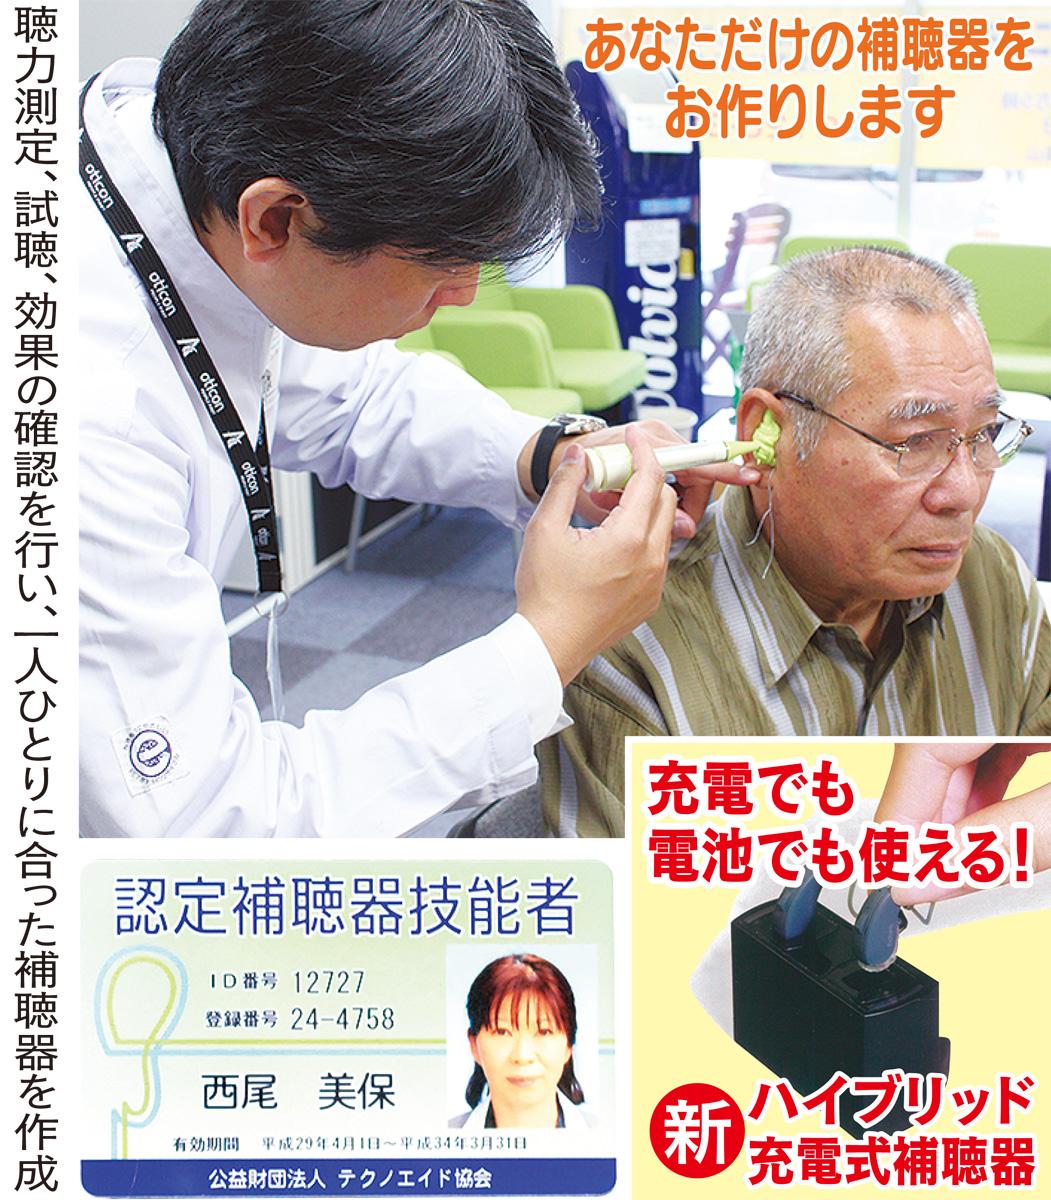 補聴器は専門店で相談を